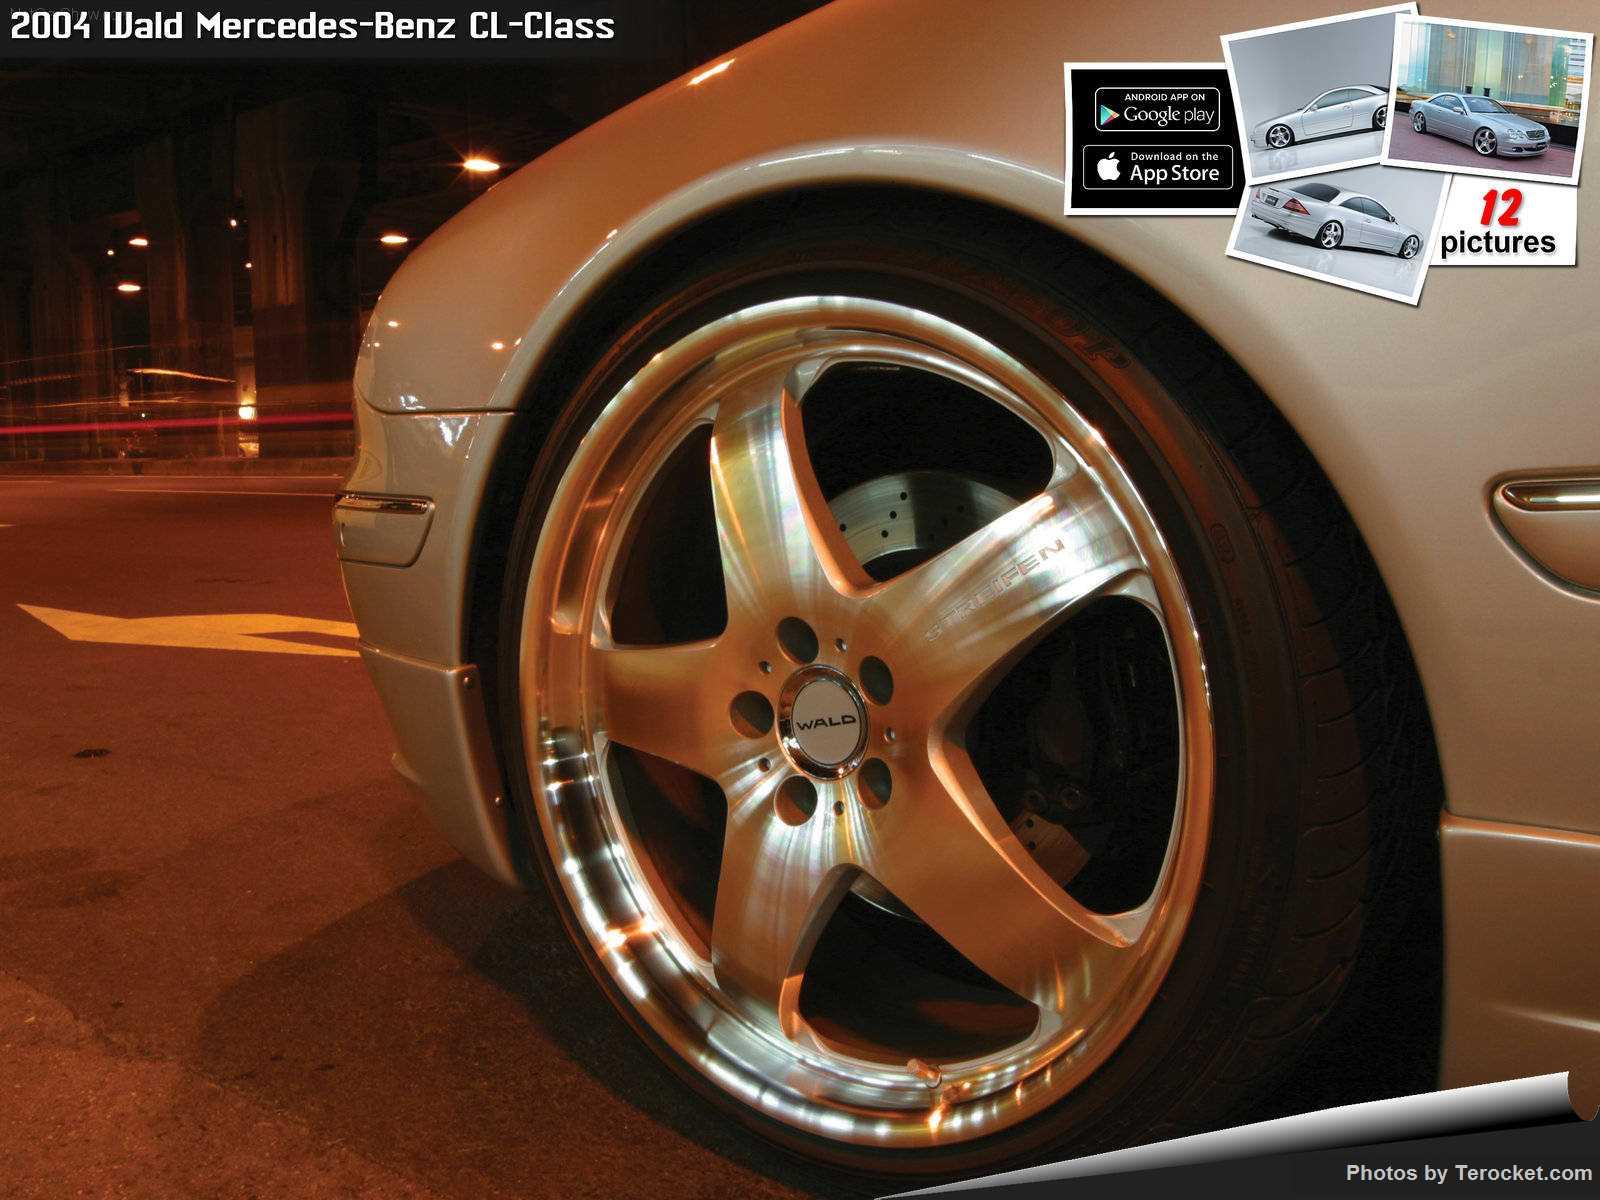 Hình ảnh xe độ Wald Mercedes-Benz CL-Class 2004 & nội ngoại thất